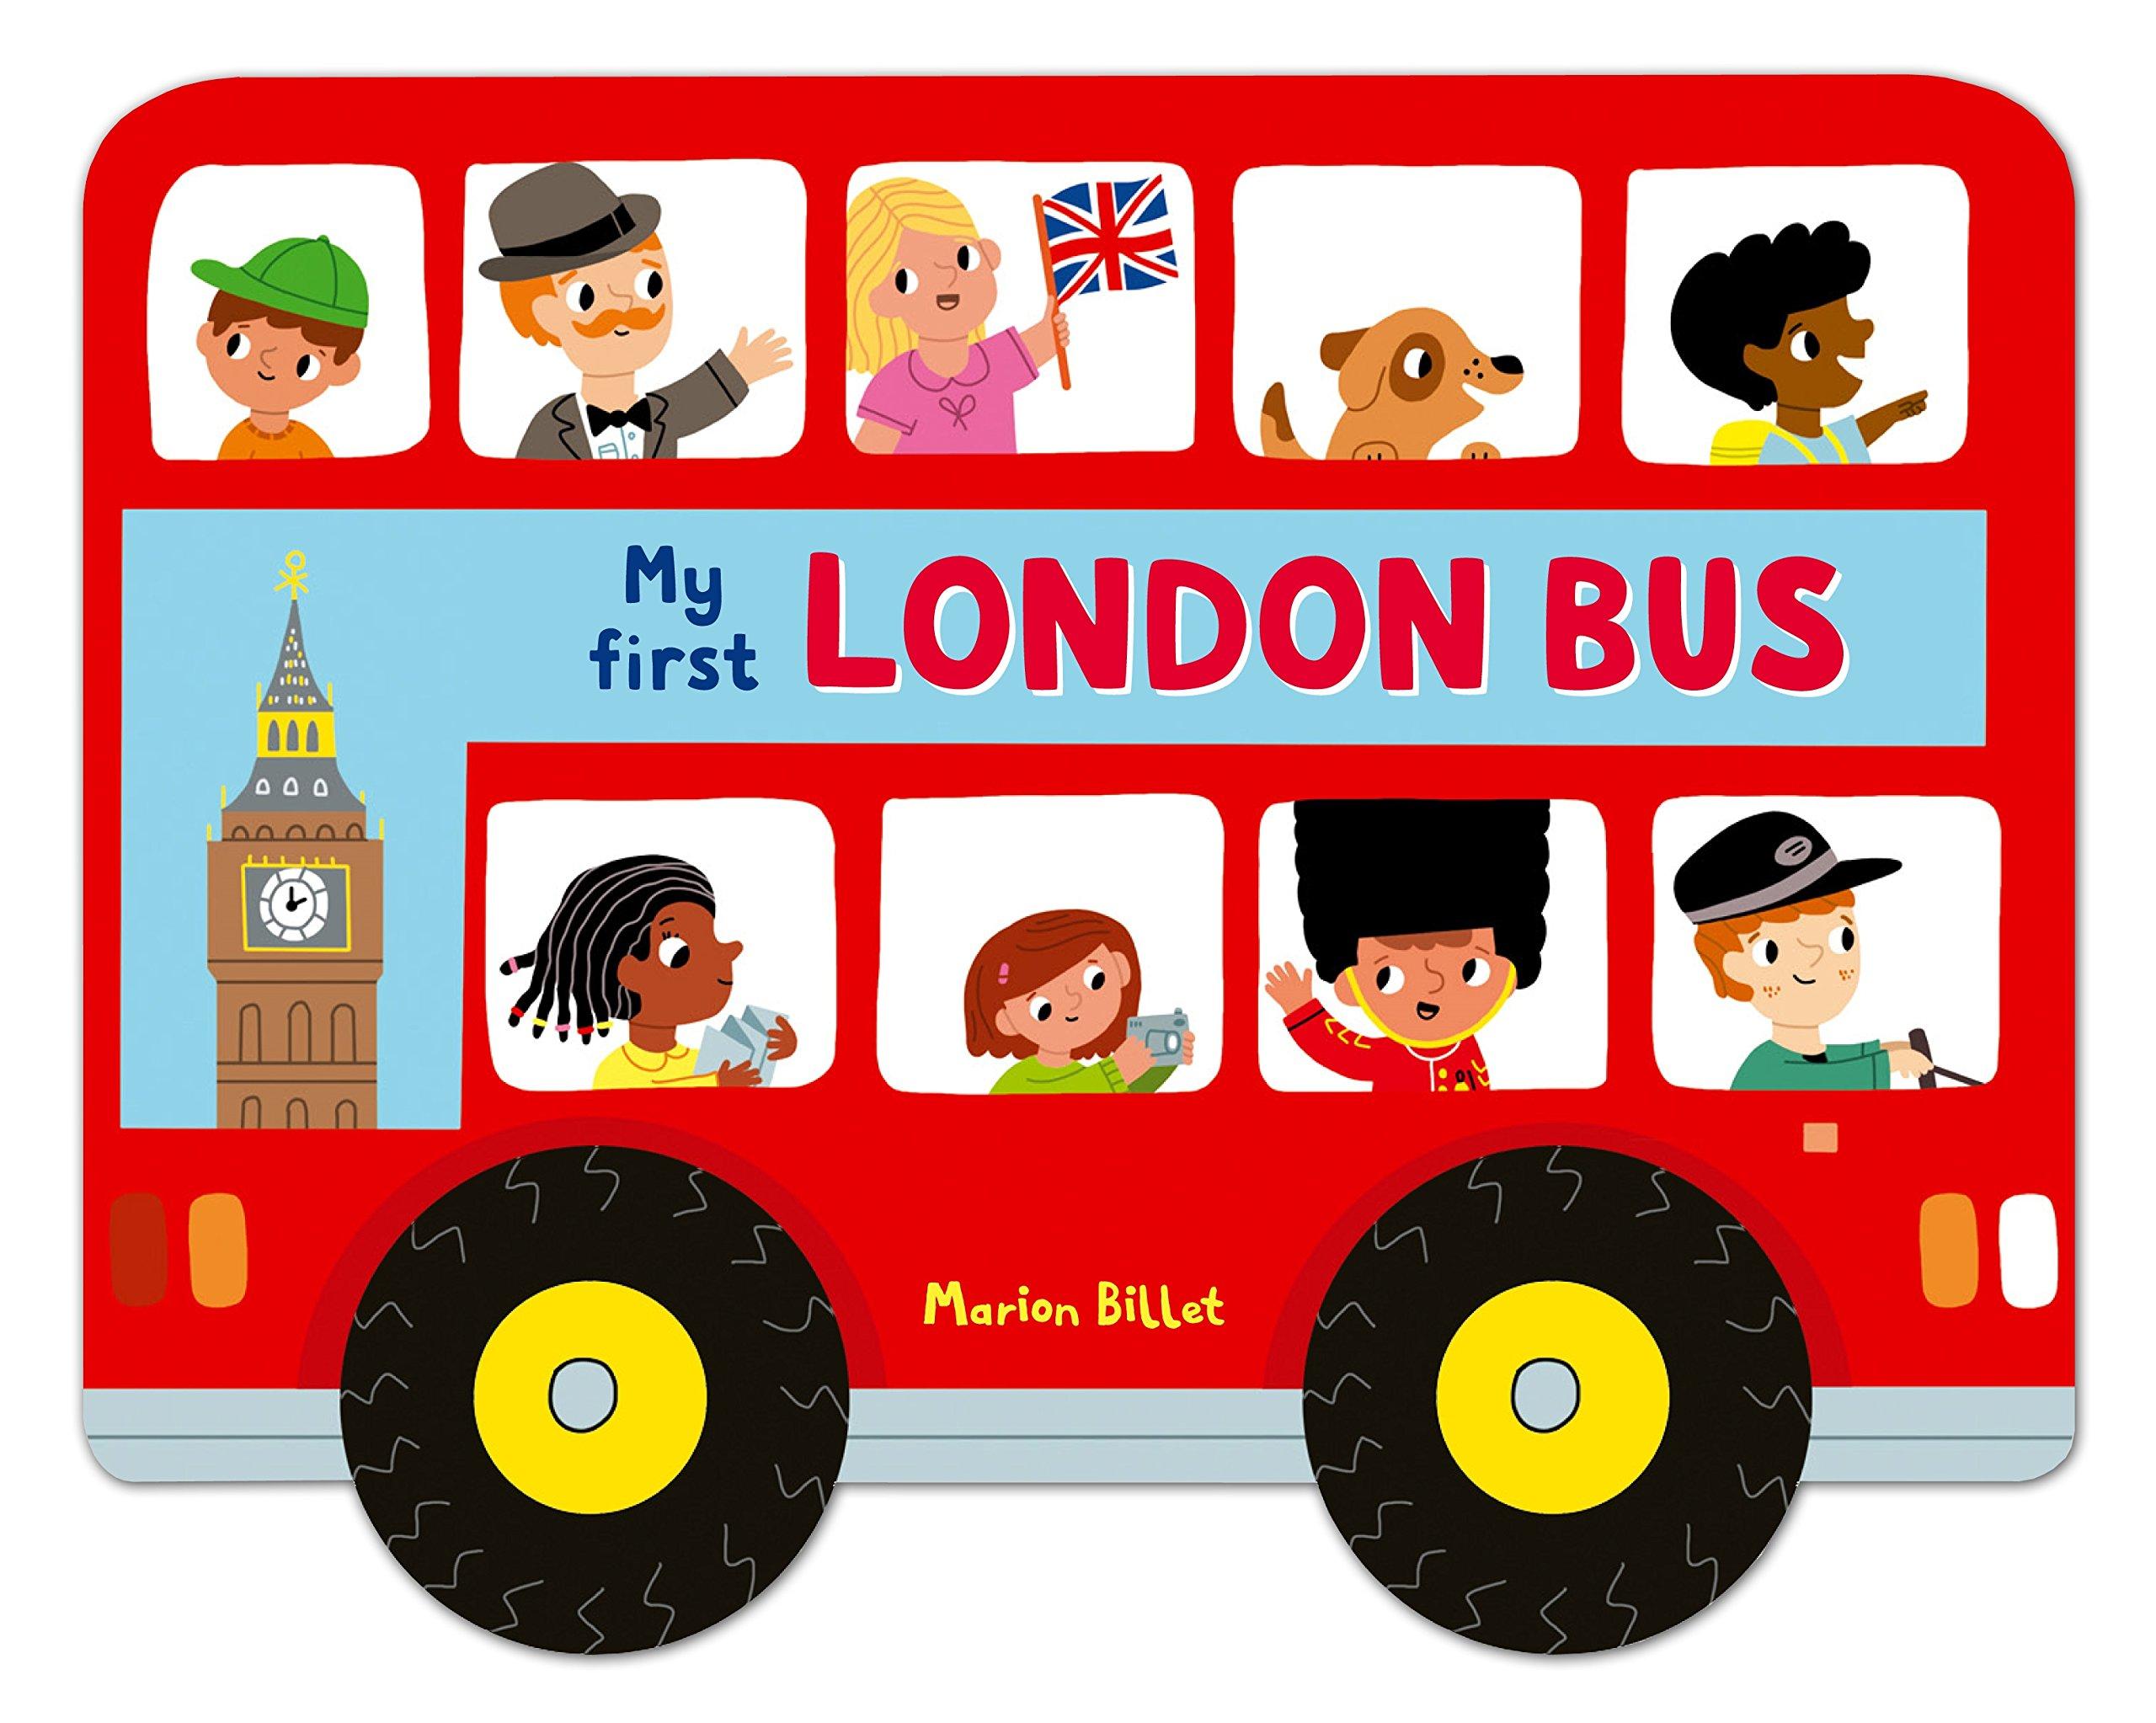 2560x2046 London Bus Clipart 81bbekwe4vl